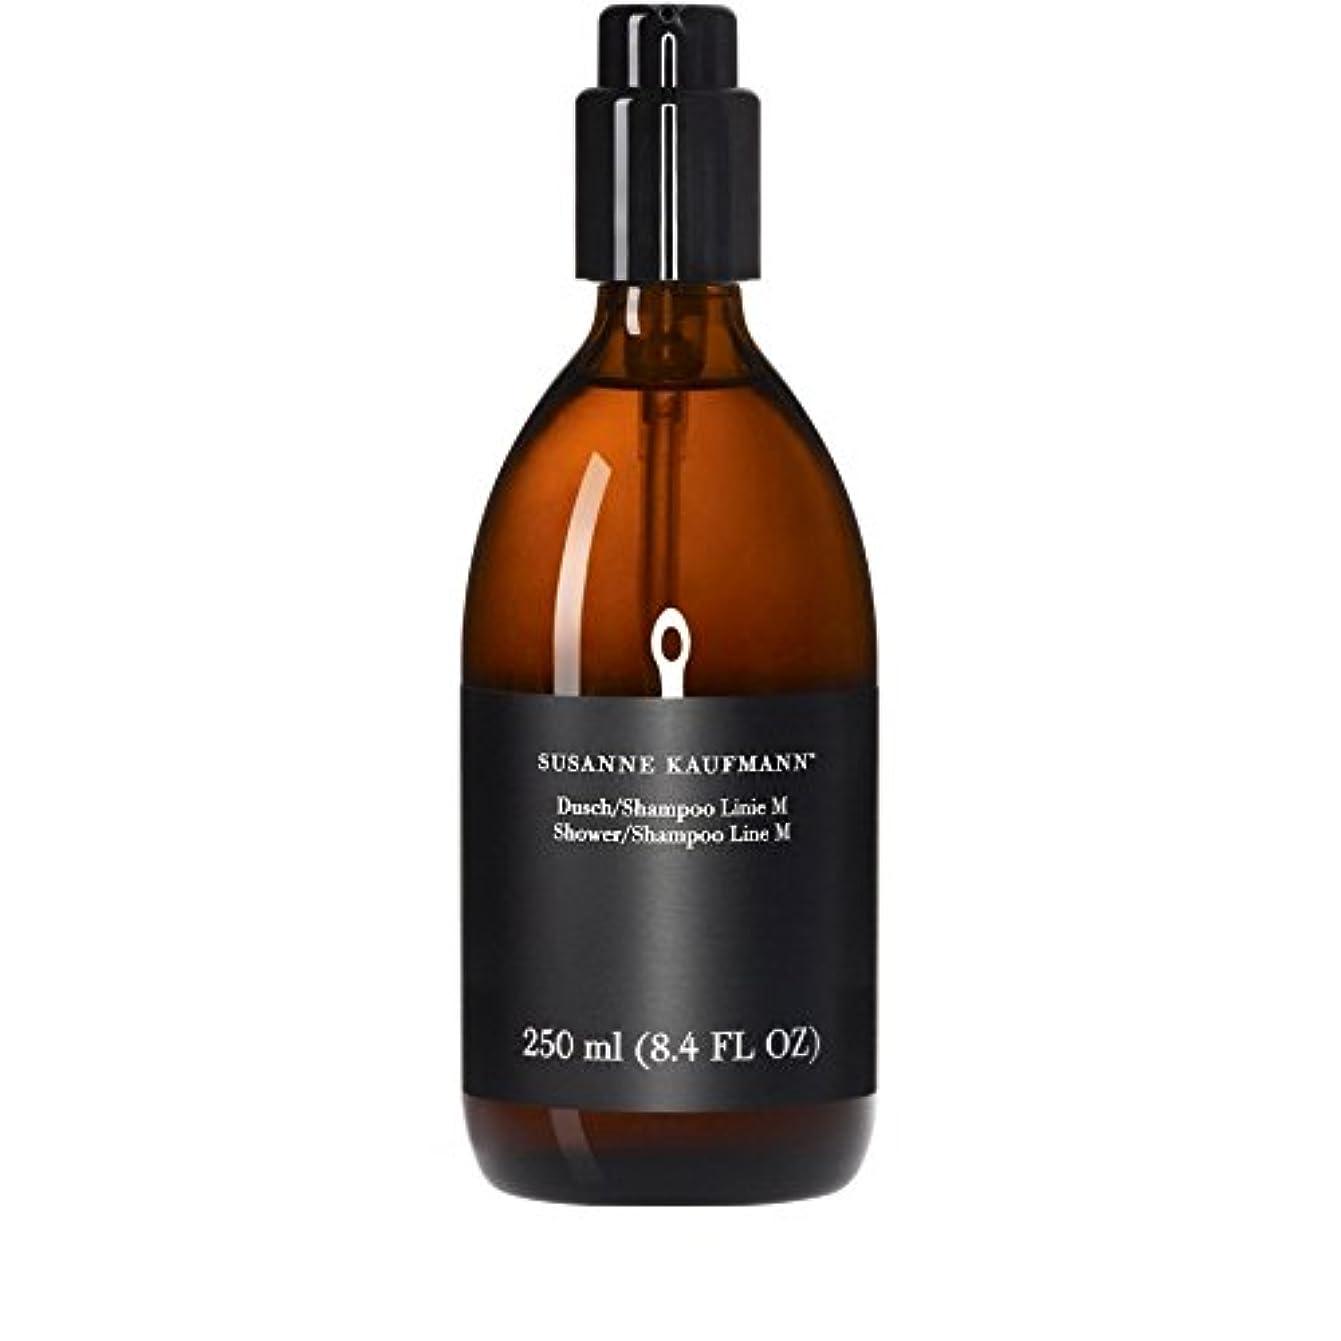 冷えるカポック原始的なSusanne Kaufmann Shower/Shampoo for Men 250ml (Pack of 6) - 男性のためのスザンヌカウフマンシャワー/シャンプー250ミリリットル x6 [並行輸入品]